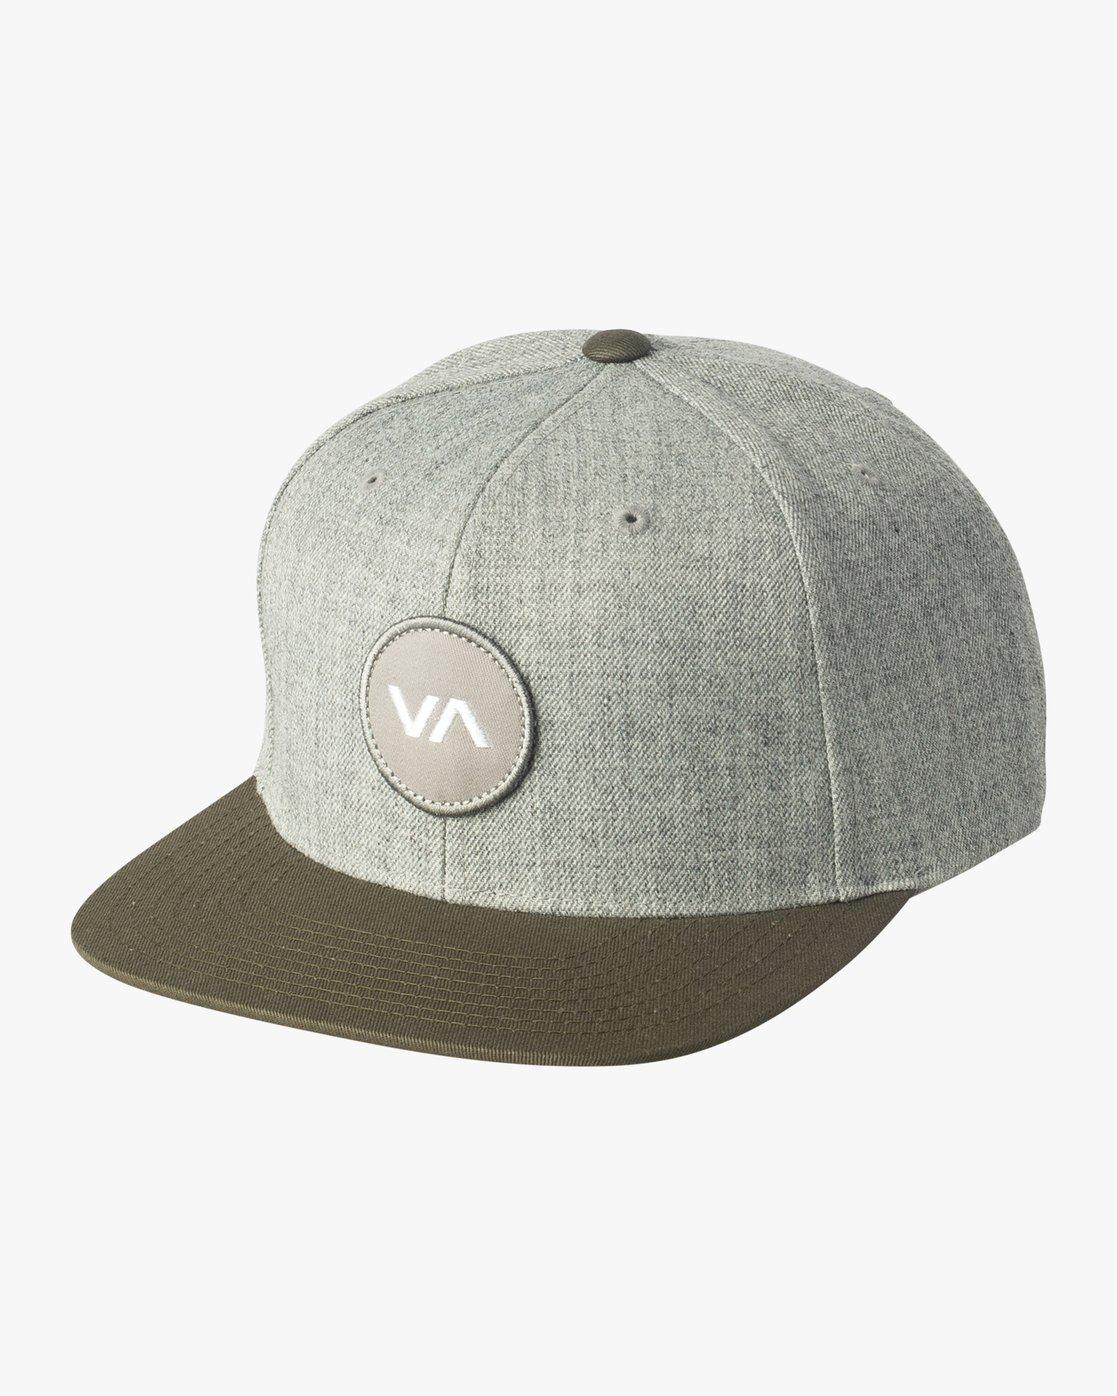 0 VA Patch Snapback Hat Grey MAHWVRVP RVCA